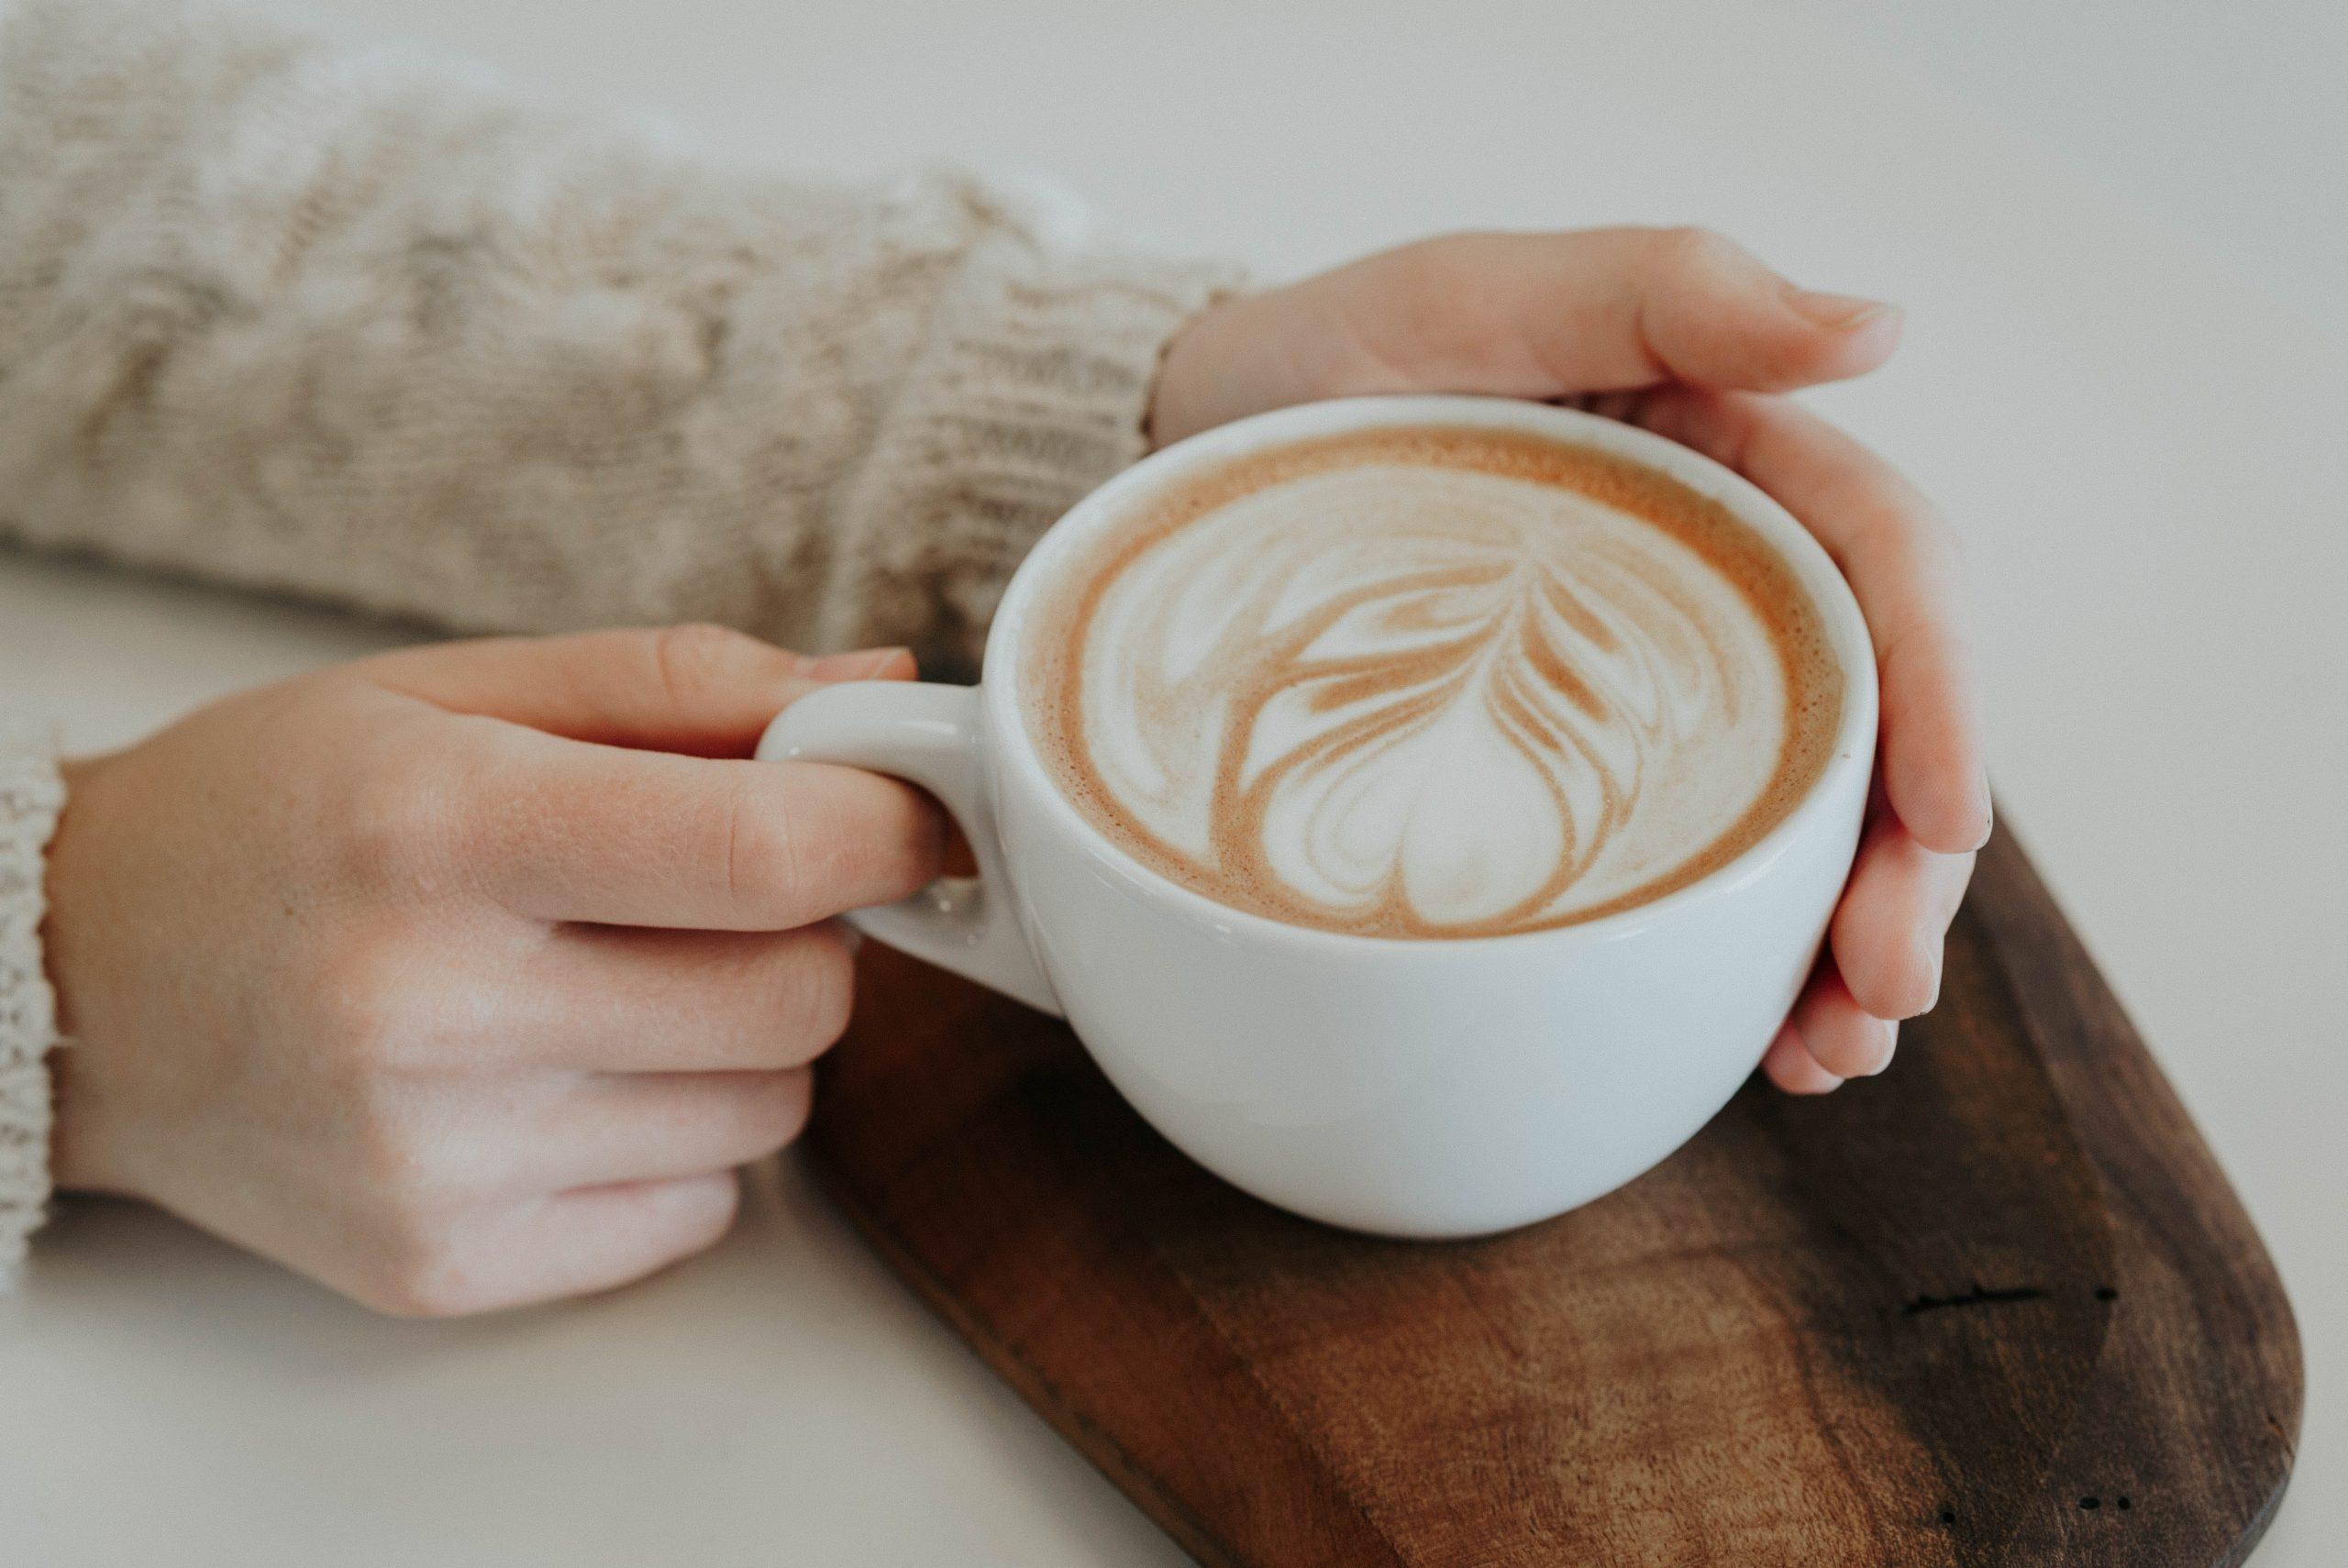 Kávé és szívbetegségek: ennyit számítanak a kávézási szokásaink